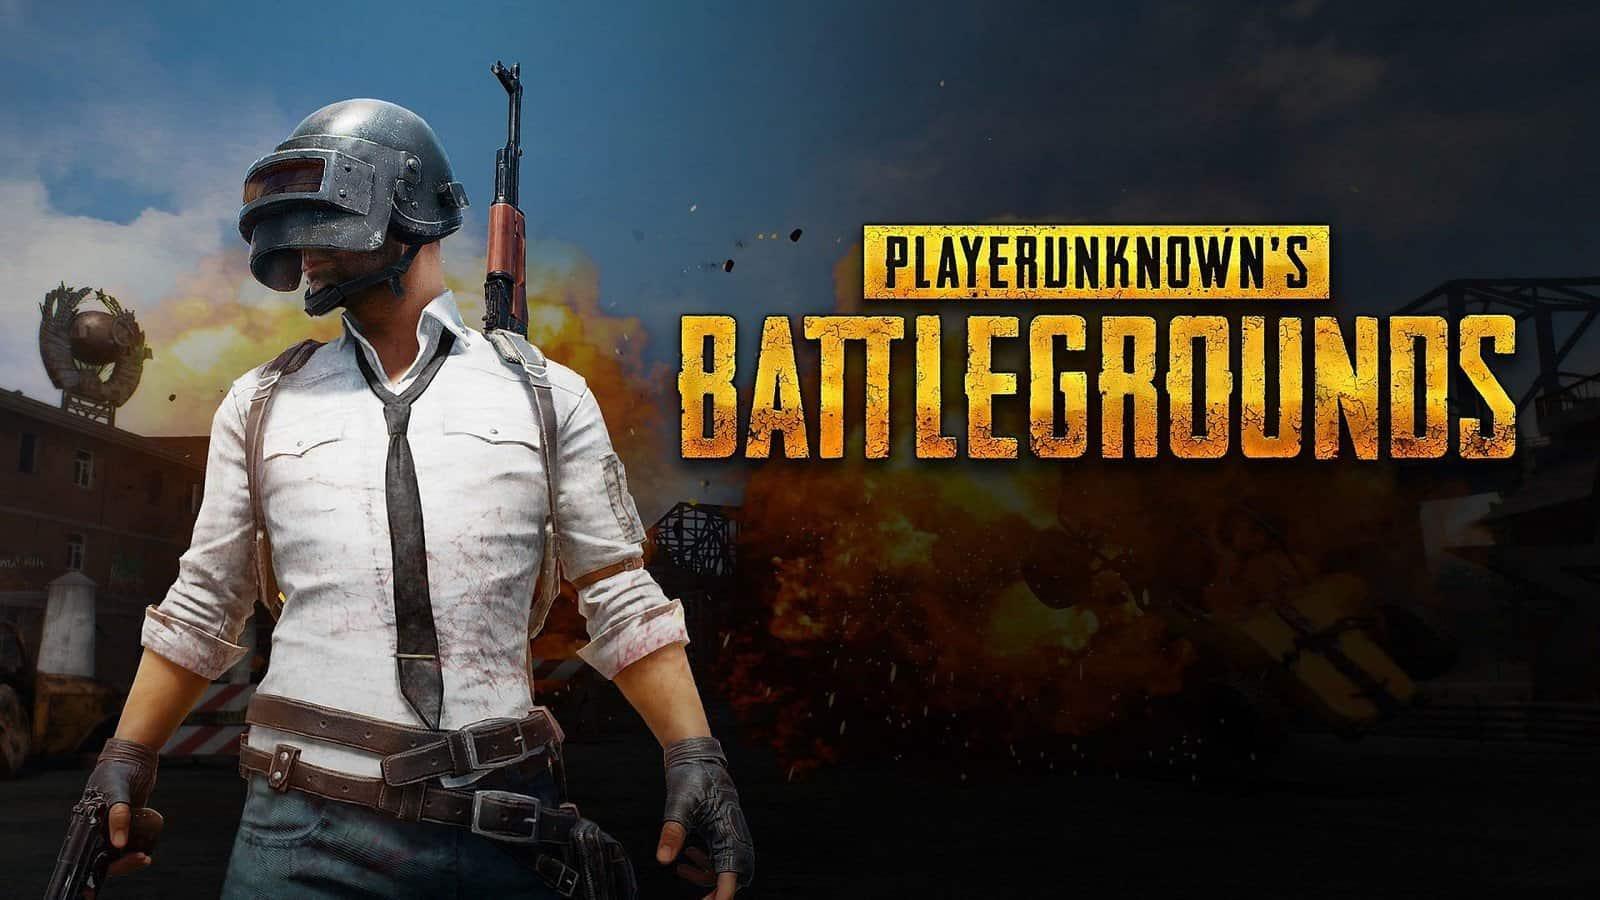 PUBG / PlayerUnknown's Battlegrounds PC Version Download